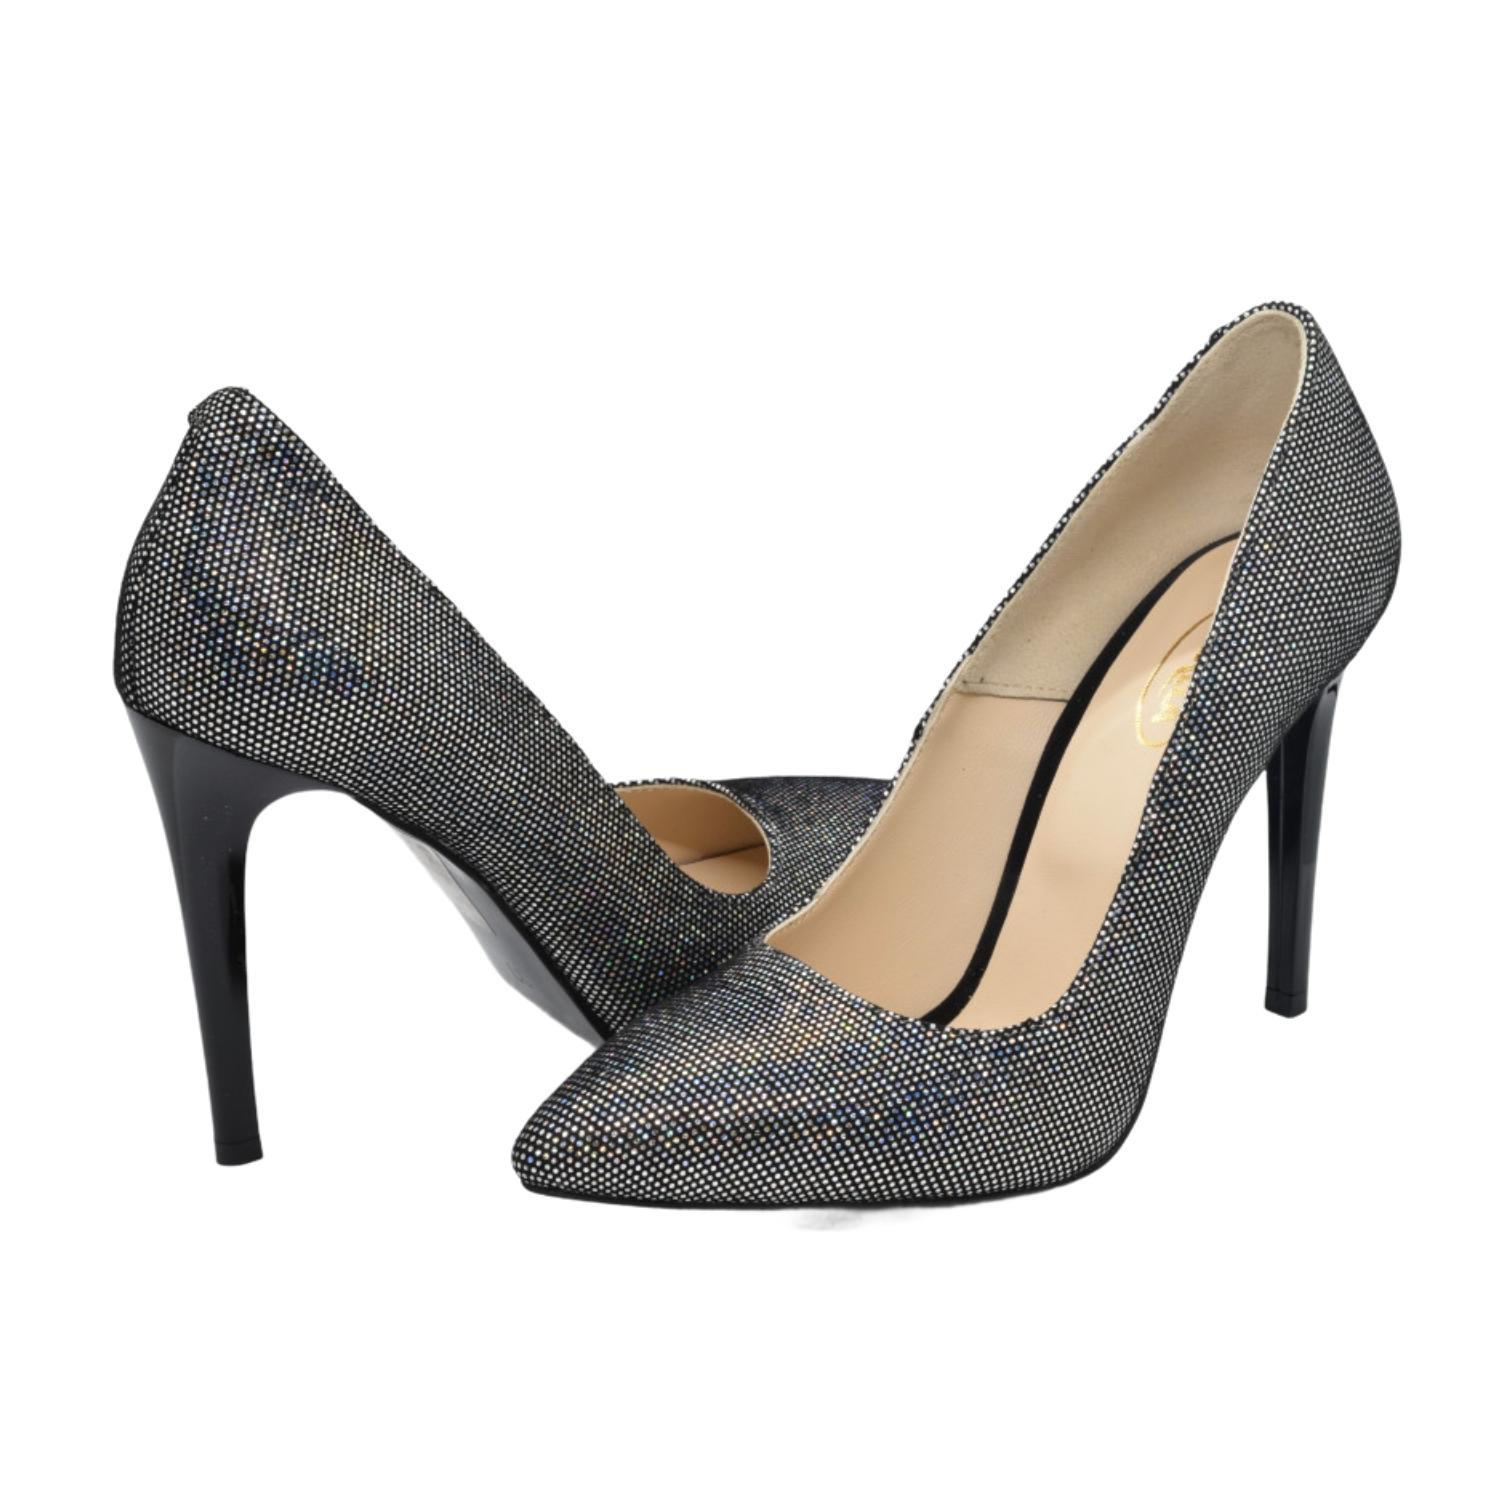 Pantofi din piele naturala lady